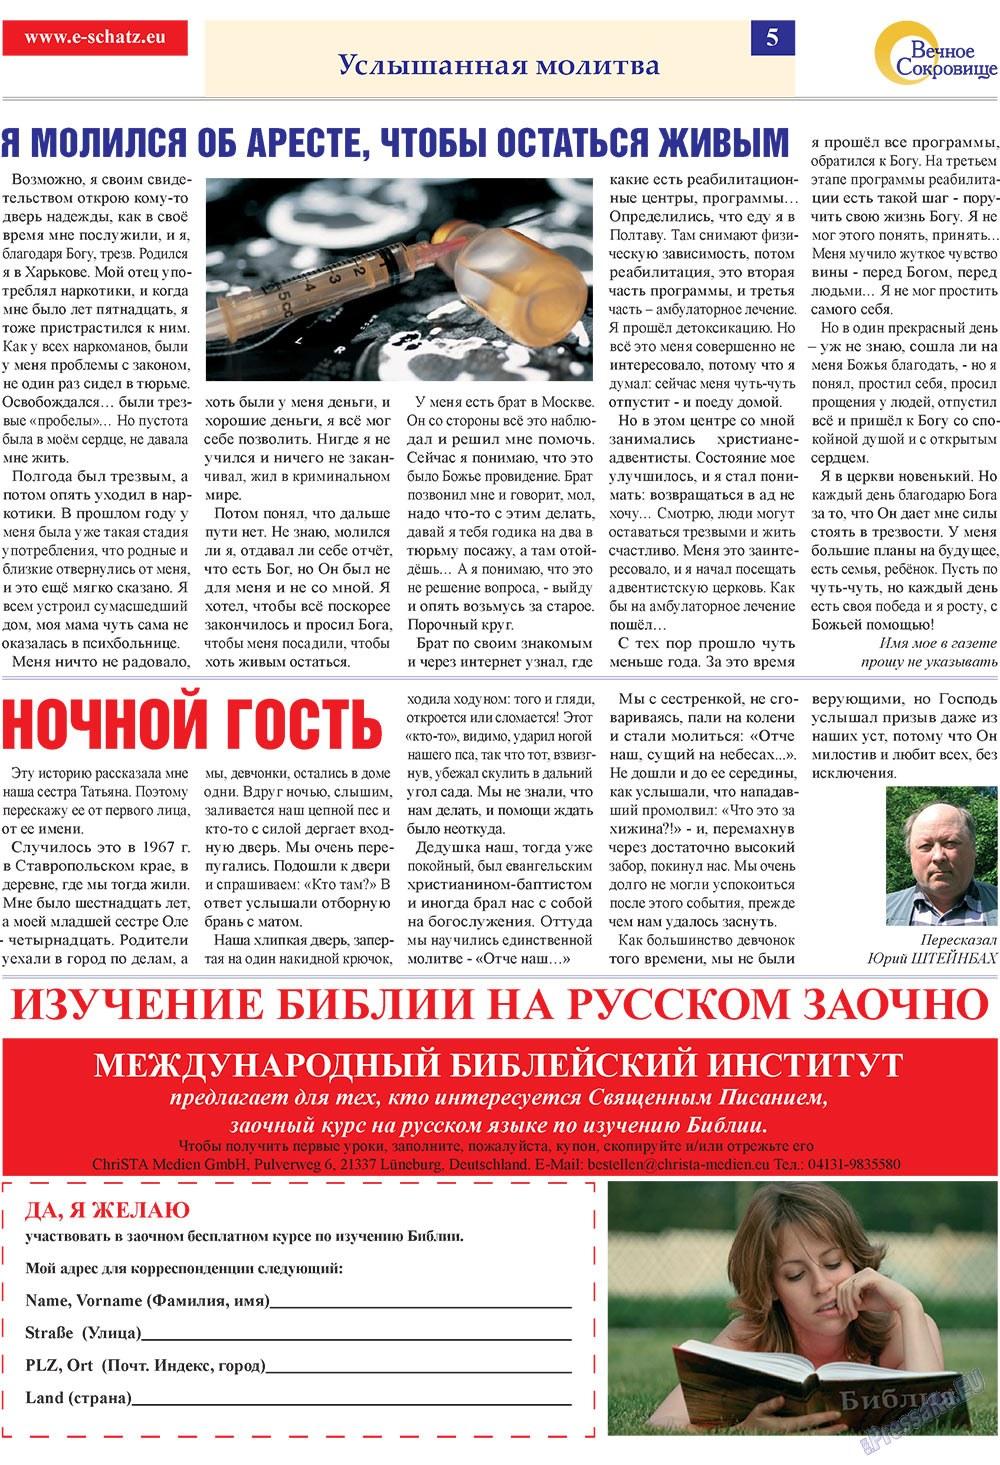 Вечное сокровище (газета). 2010 год, номер 1, стр. 5